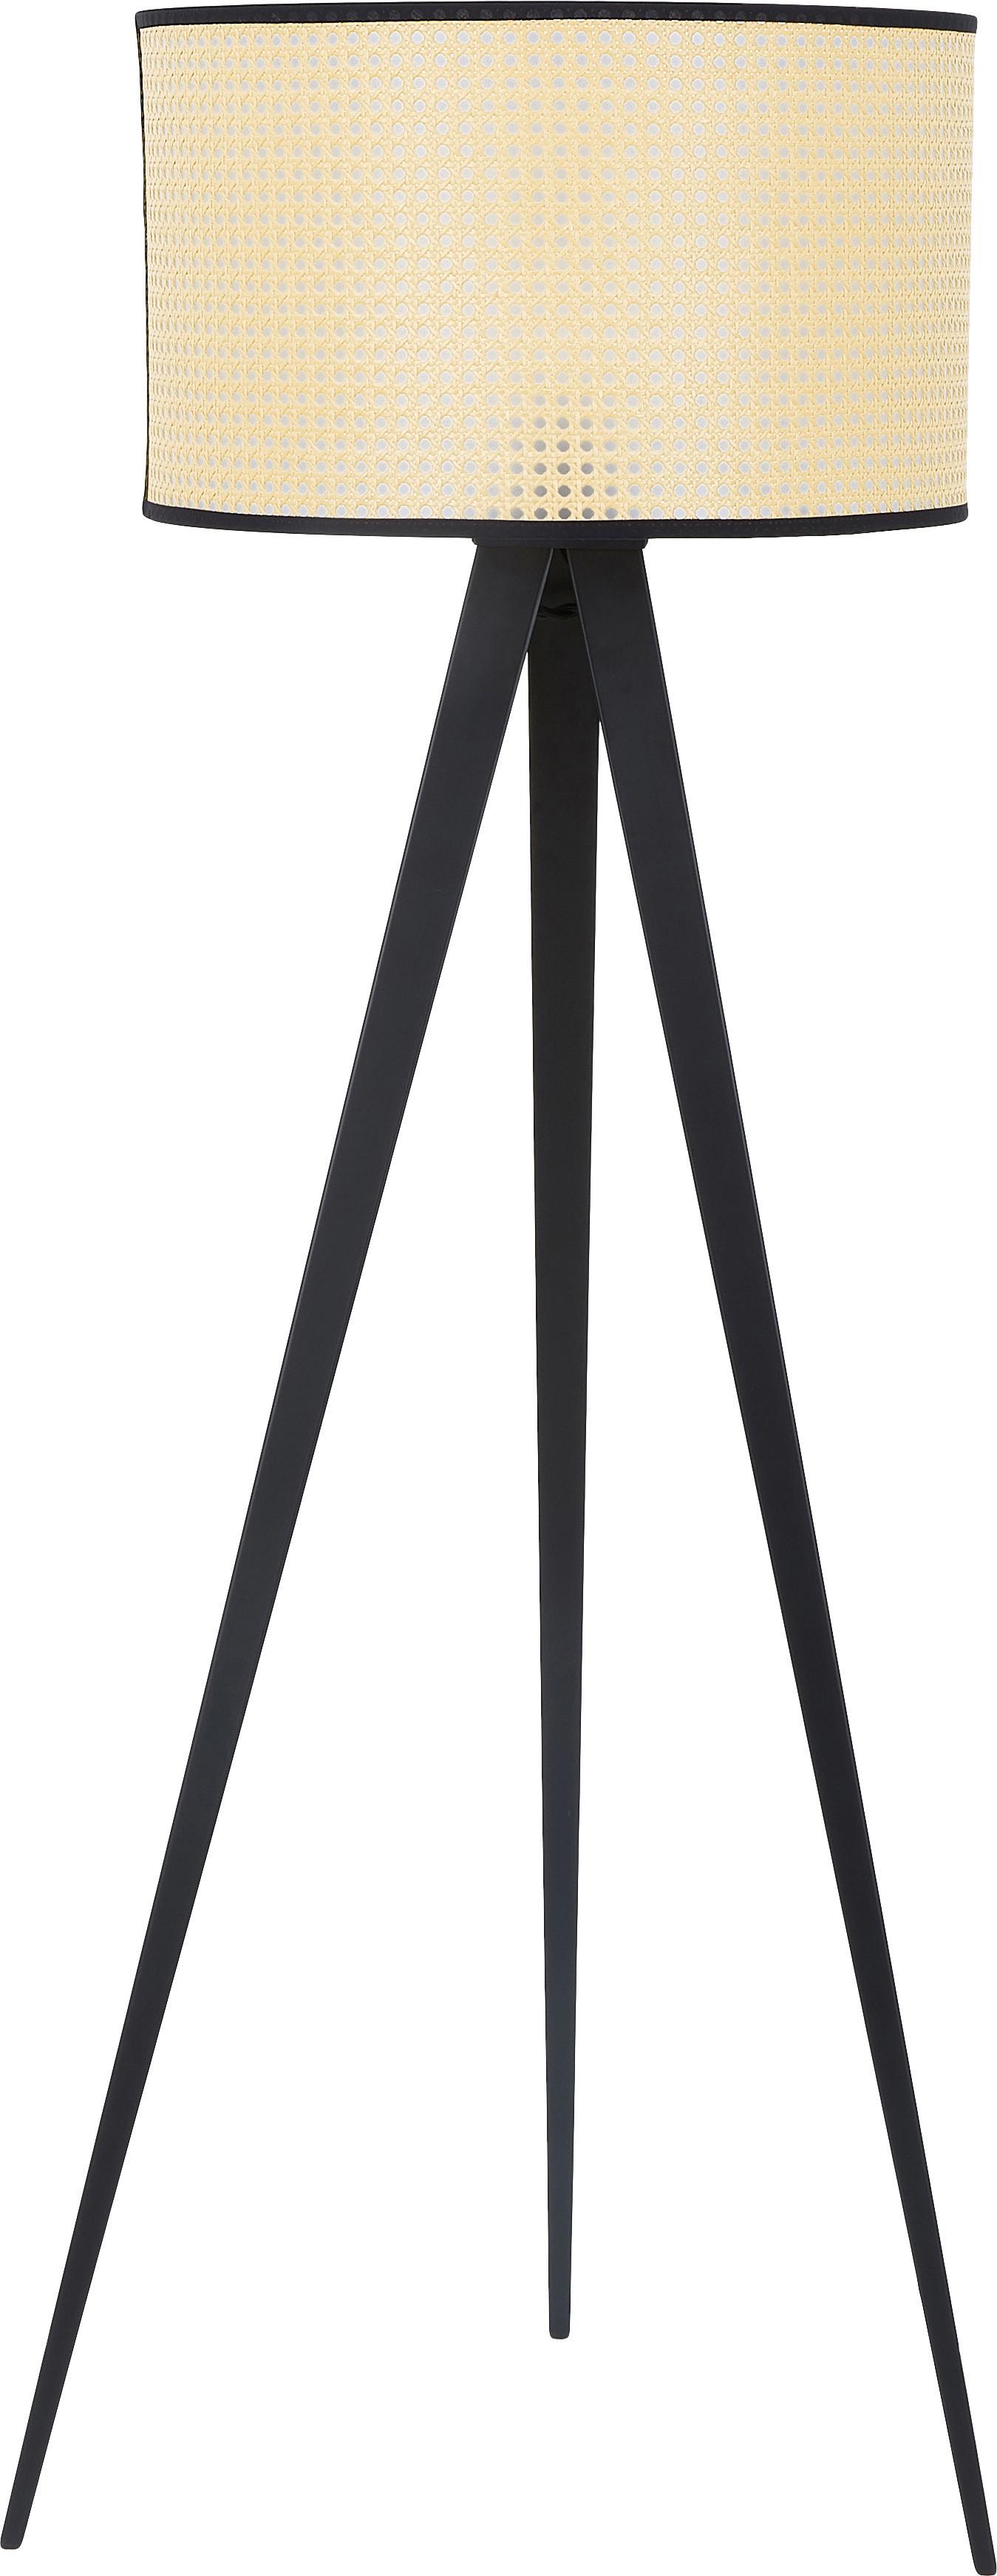 Vloerlamp Vienna met lampenkap van Weens vlechtwerk, Lampenkap: kunststof, Lampvoet: gepoedercoat metaal, Lampenkap: beige, zwart. Lampvoet: mat zwart. Snoer: zwart, Ø 50 x H 154 cm